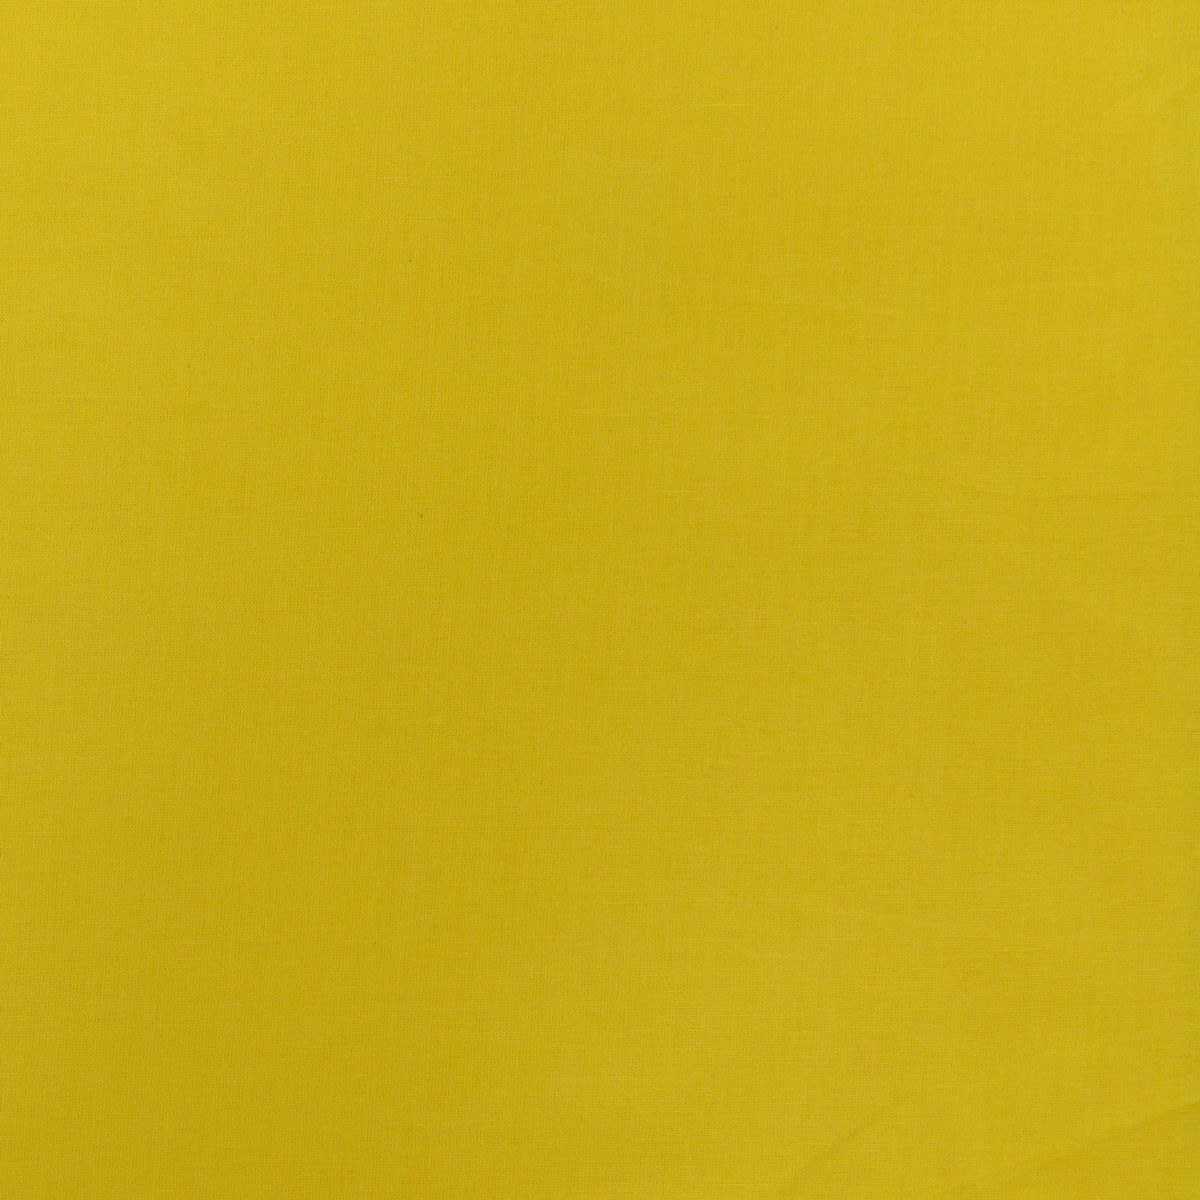 Kreativstoff Baumwollstoff Fahnentuch einfarbig 1,45m sonnengelb